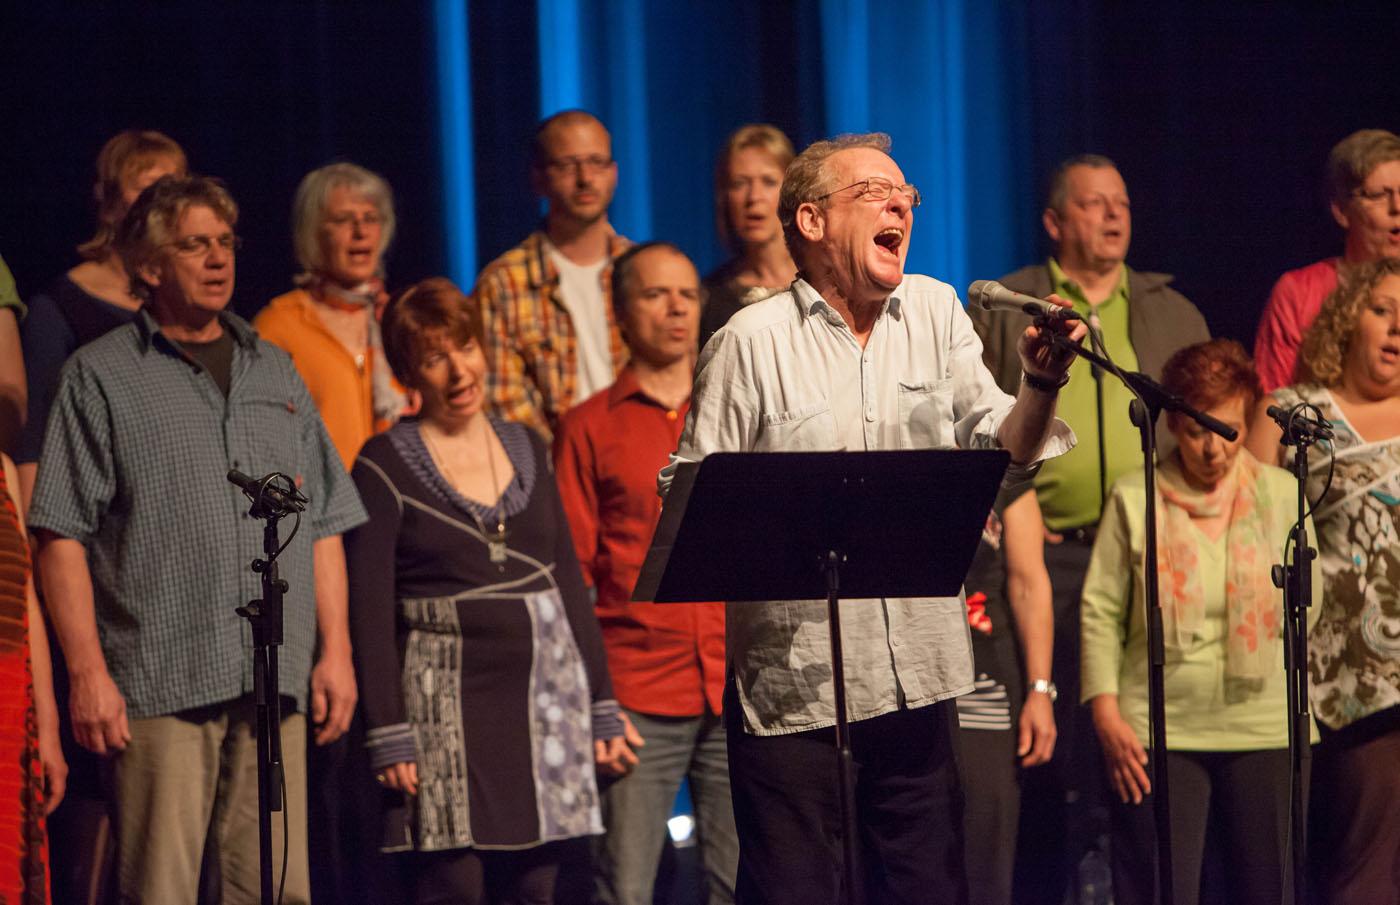 Phil Minton Feral Choir, Fimav 2012